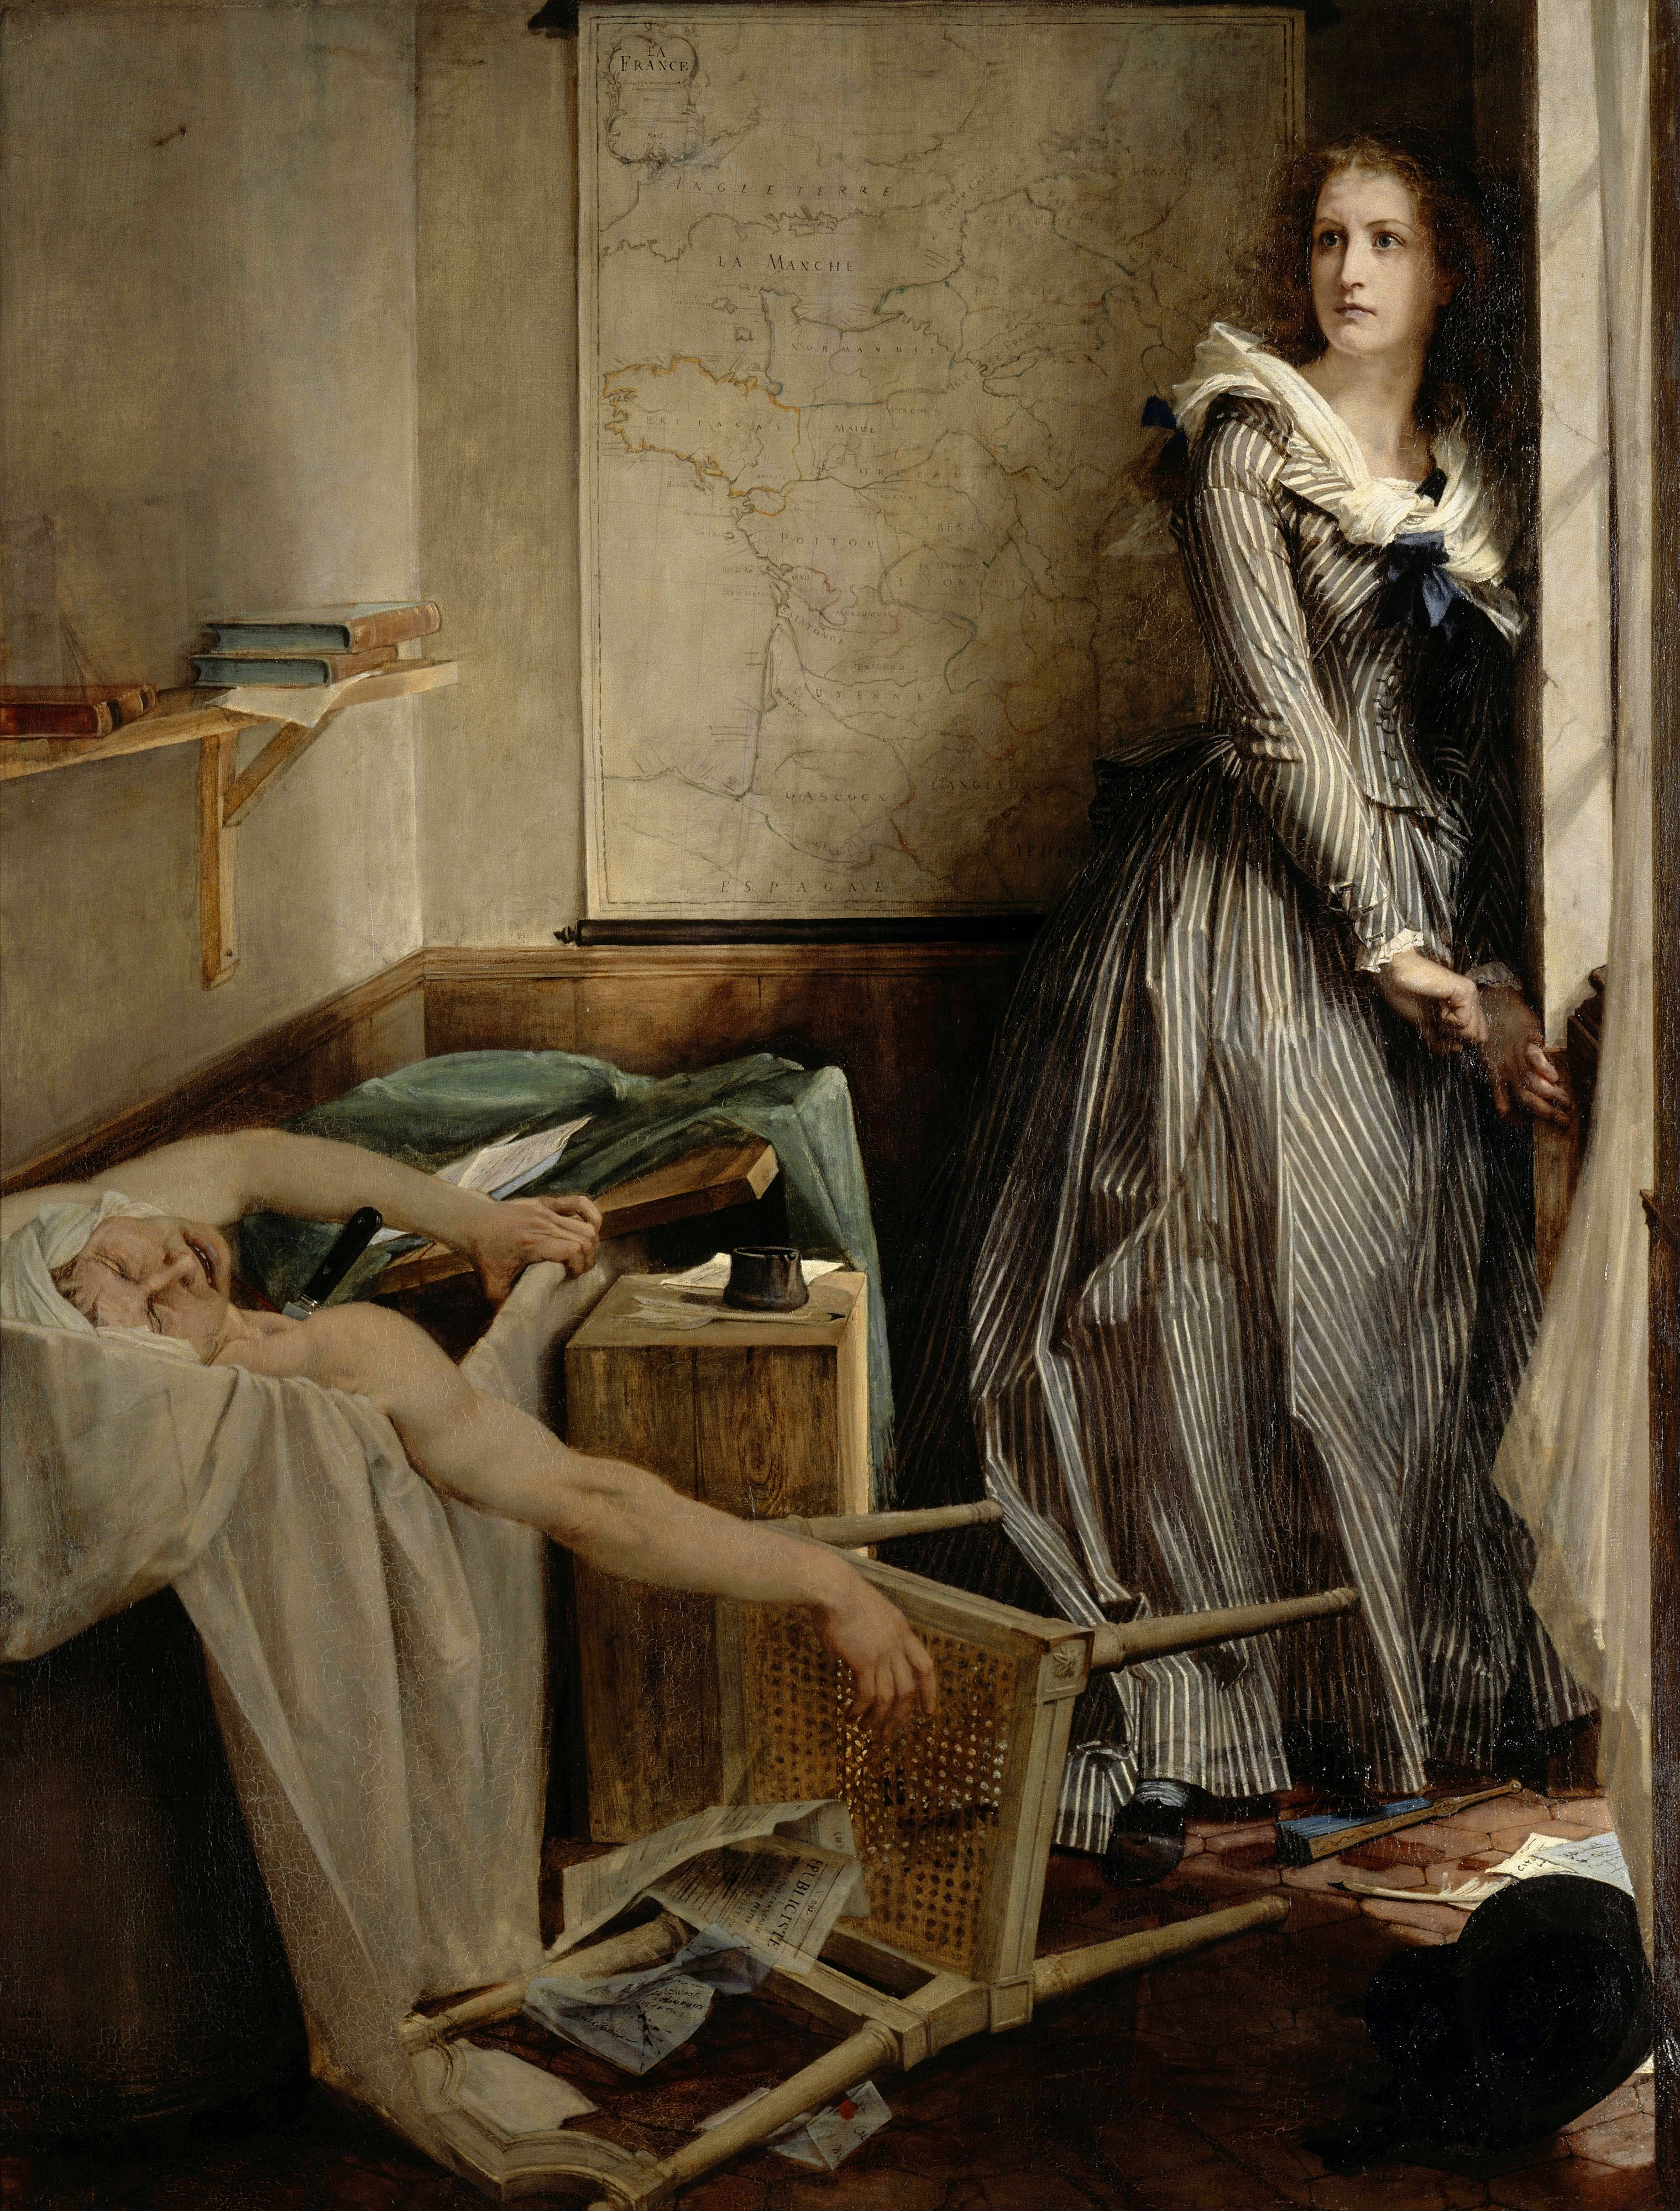 Paul_Baudry_-_Charlotte_Corday_-_c_1860_-_Nantes_Museum_of_Art.jpg